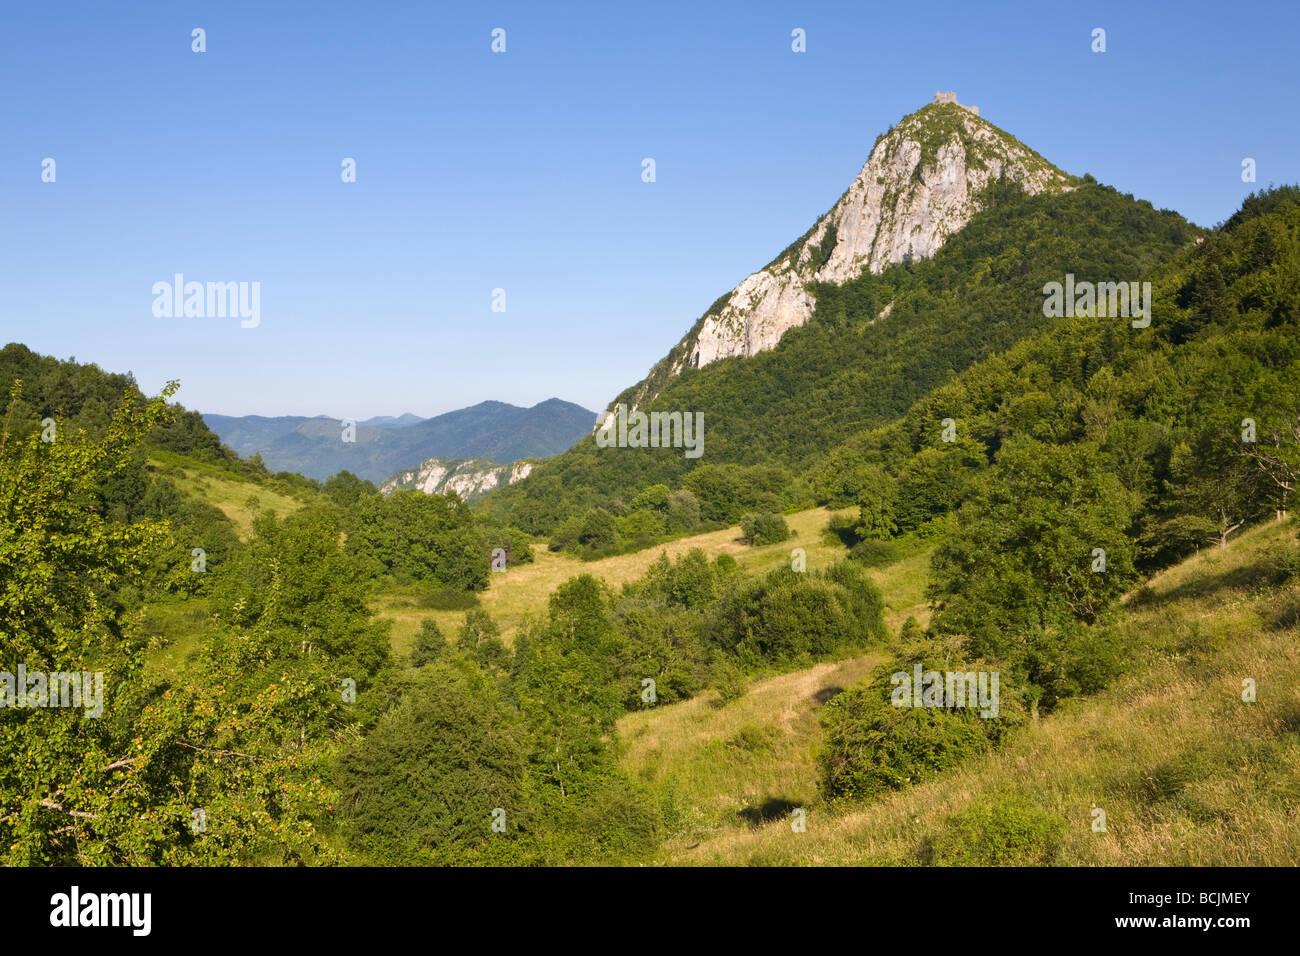 Montsegur, Languedoc-Midi-Pyrénées, Ariege, France - Stock Image